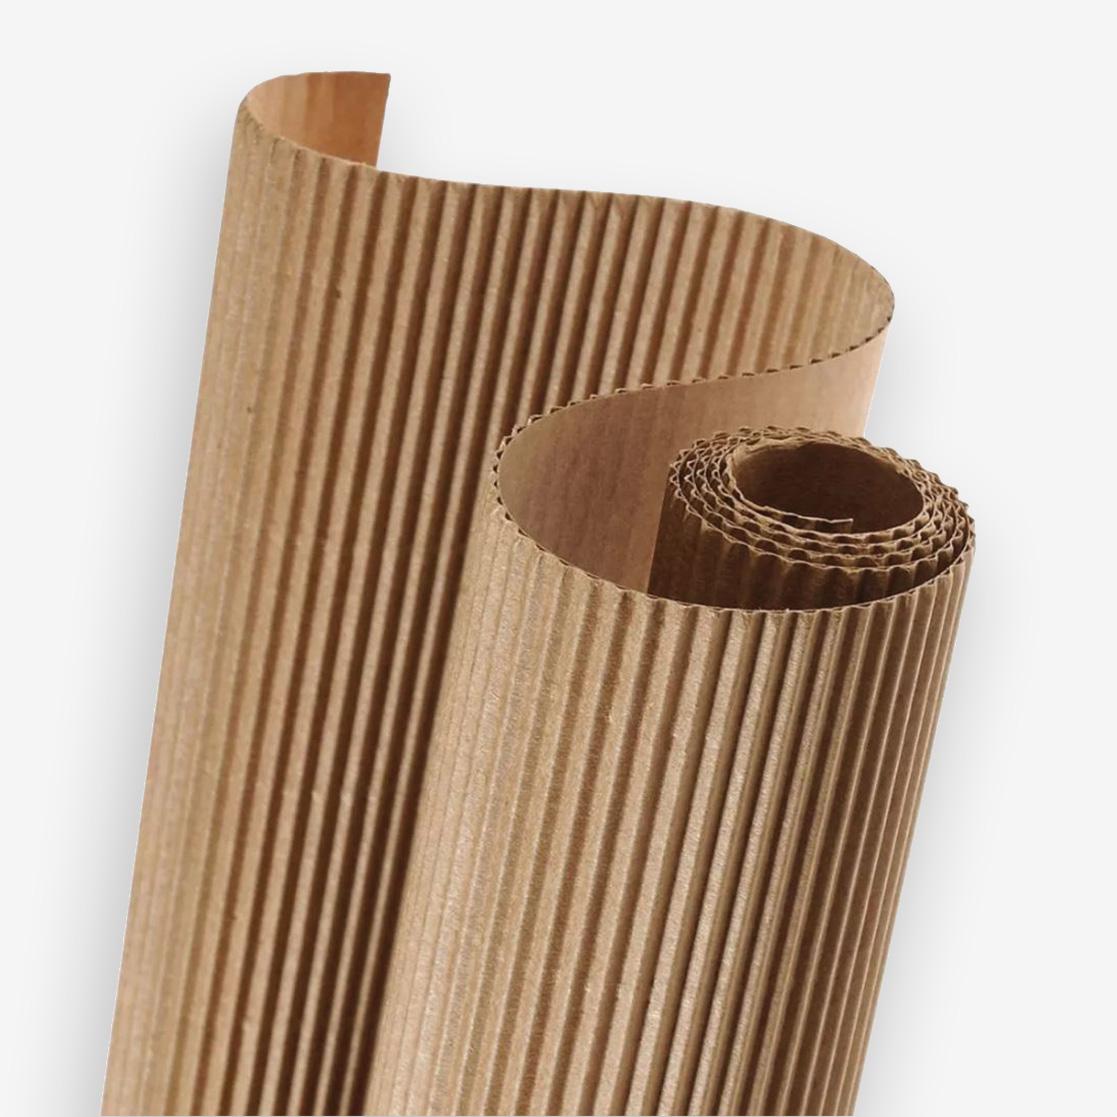 Cardboard/Paper Packaging